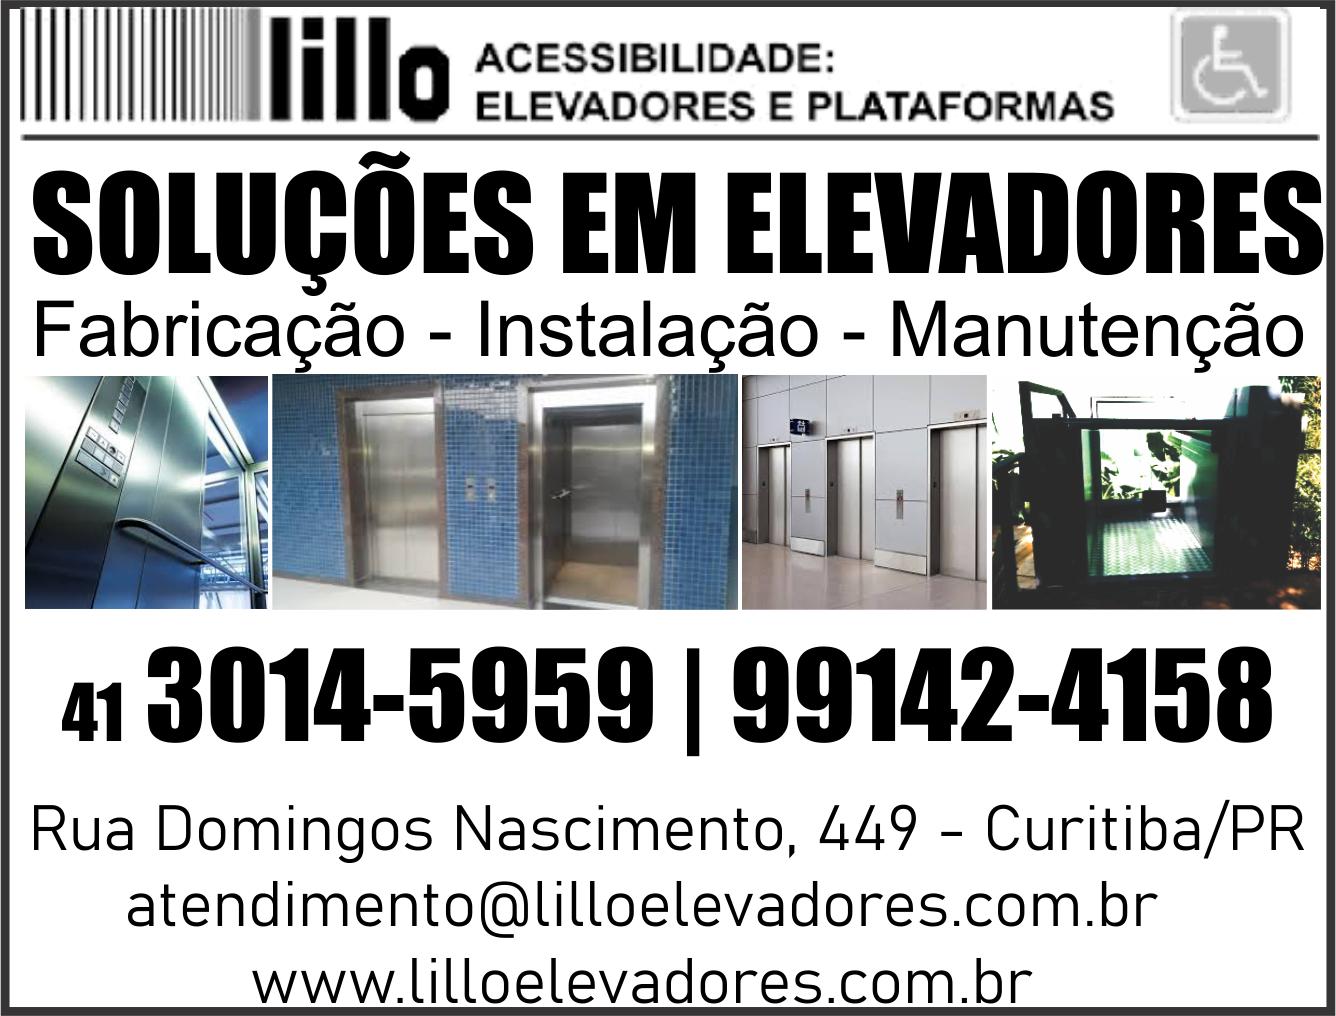 LILLO ELEVADORES EM CURITIBA      RUA DOMINGOS NASCIMENTO, 449, CURITIBA - PR  Fones: (41)3014-5959 / (41) 99142-4158